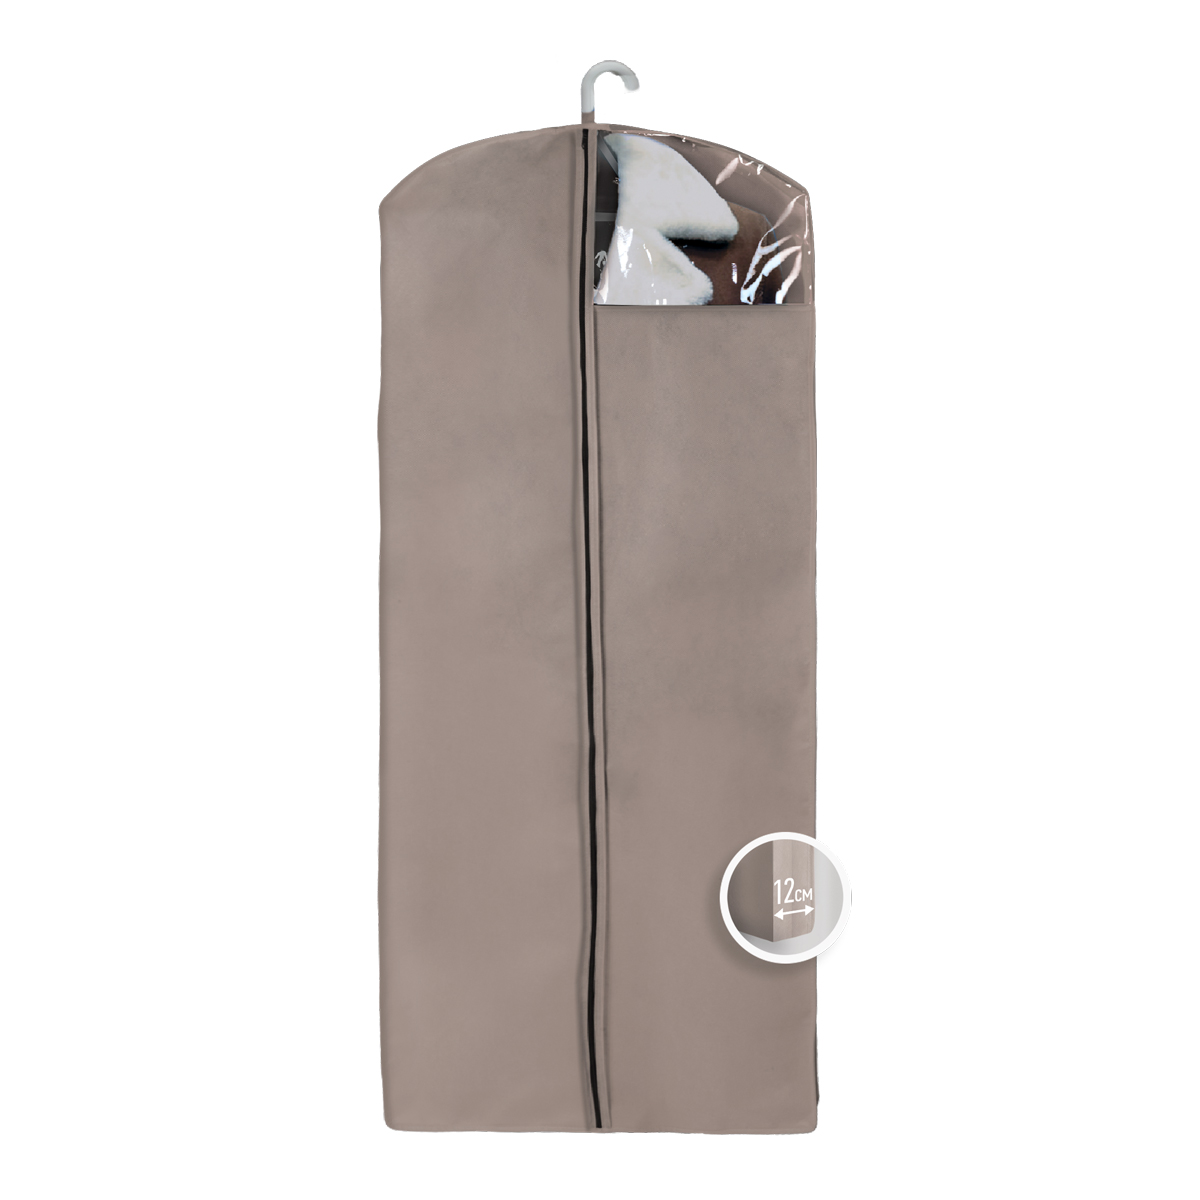 Чехол для верхней одежды Miolla, с окошком, цвет: бежевый, 140 х 60 х 12 смCHL-4-2Чехол для верхней одежды Miolla на застежке-молнии выполнен из высококачественного нетканого материала. Прозрачное полиэтиленовое окошко позволяет видеть содержимое чехла. Подходит для длительного хранения вещей.Чехол обеспечивает вашей одежде надежную защиту от влажности, повреждений и грязи при транспортировке, от запыления при хранении и проникновения моли. Чехол обладает водоотталкивающими свойствами, а также позволяет воздуху свободно поступать внутрь вещей, обеспечивая их кондиционирование. Это особенно важно при хранении кожаных и меховых изделий.Размер чехла: 140 х 60 х 12 см.